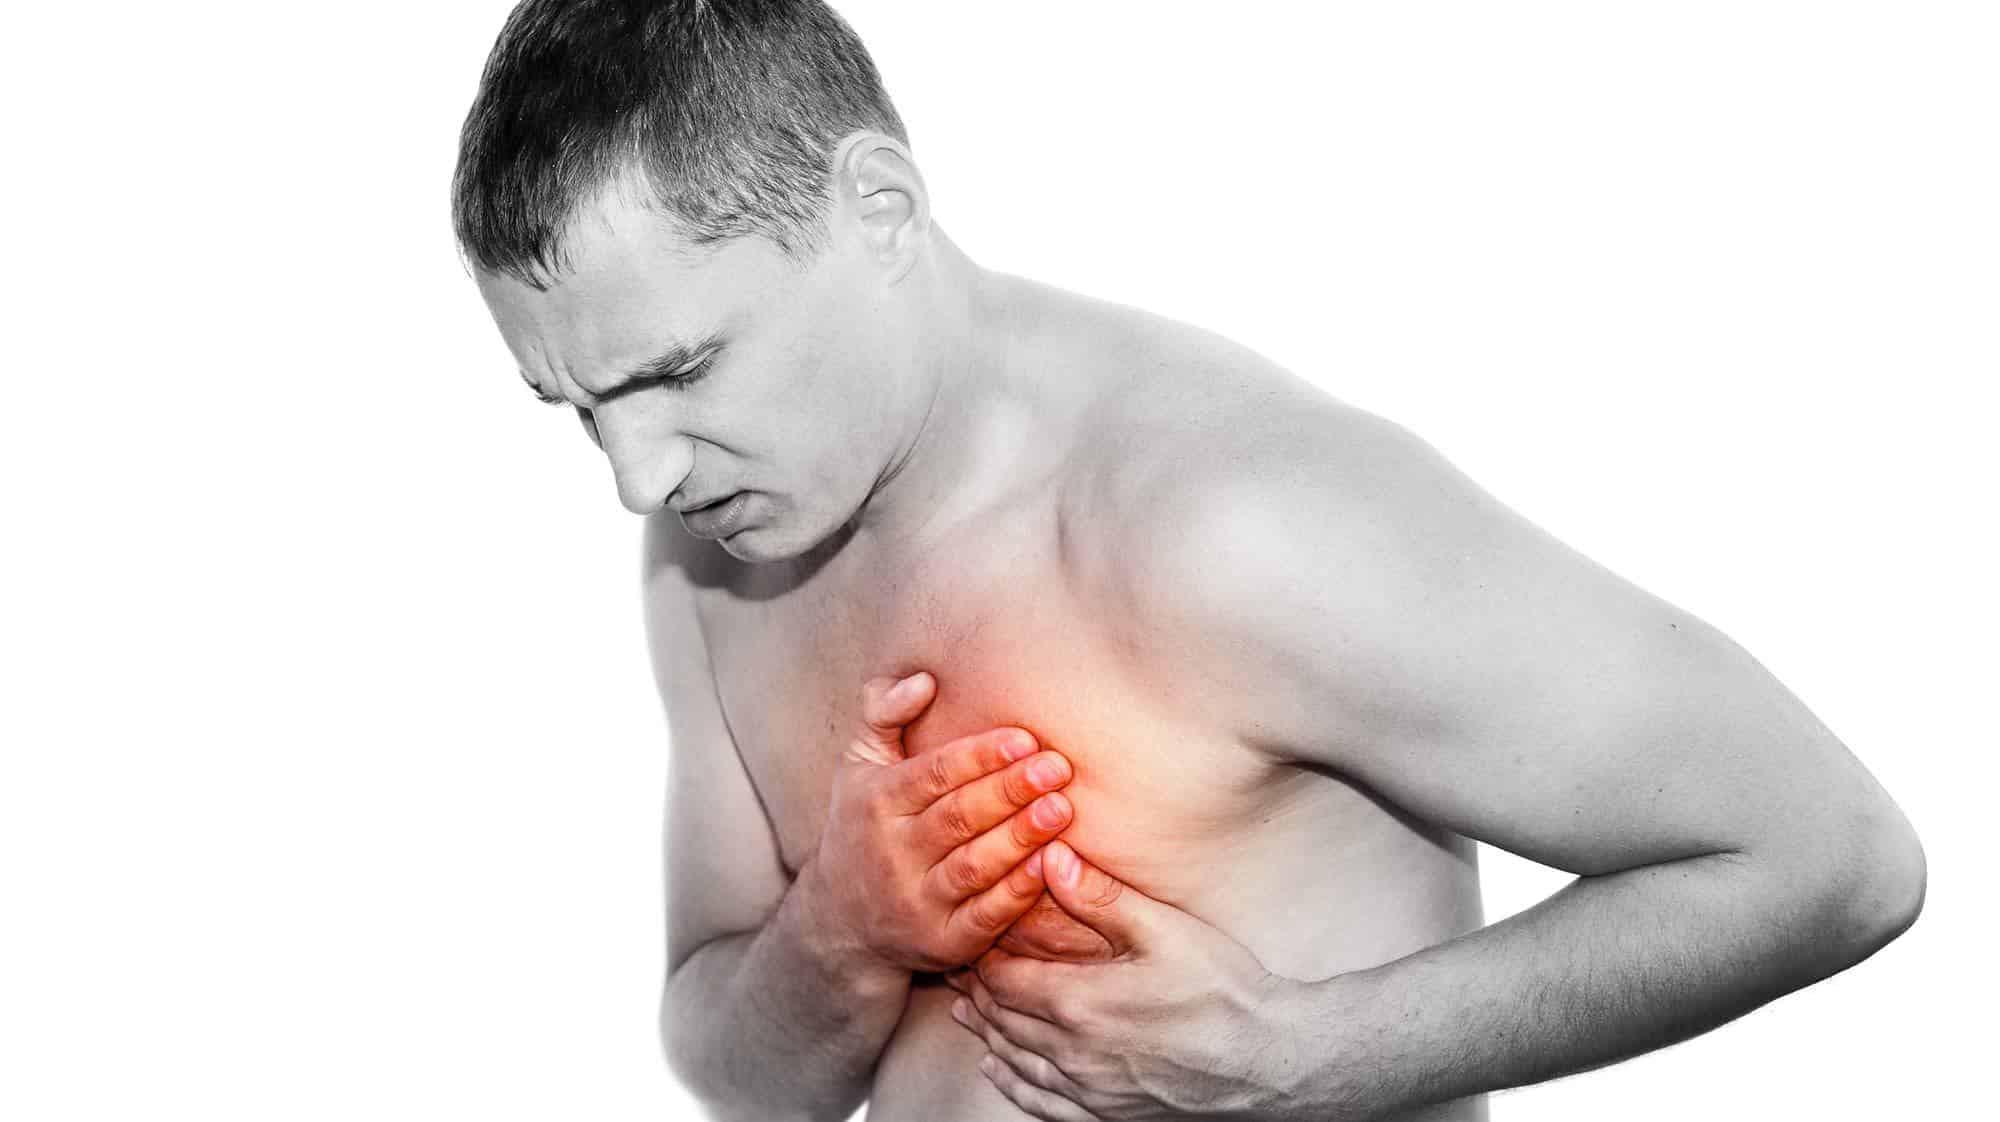 وخزة في القلب – أعراضها واسبابها وعلاجها